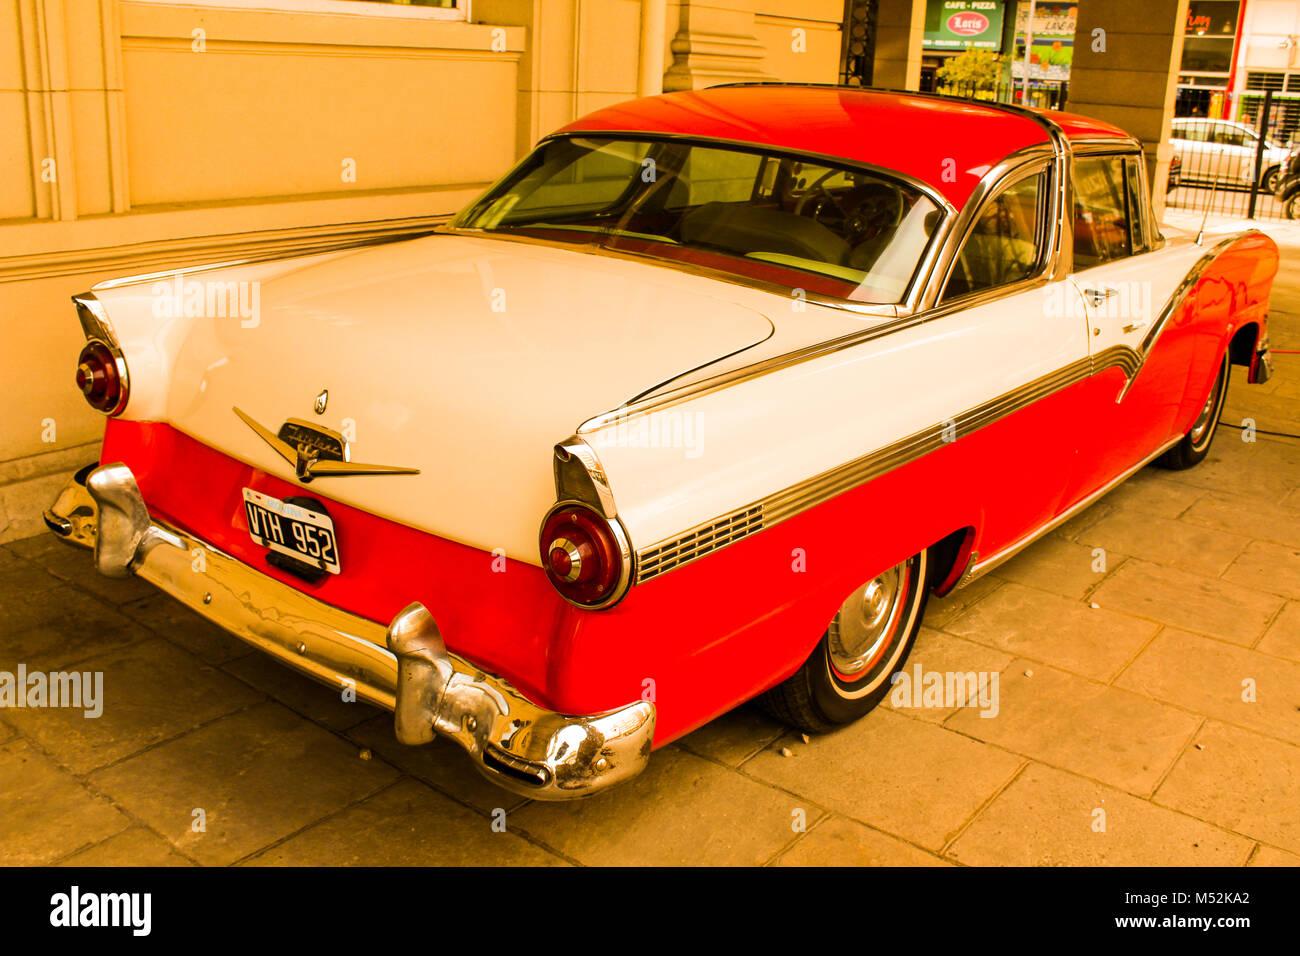 Ford Fairlane Imagen De Stock